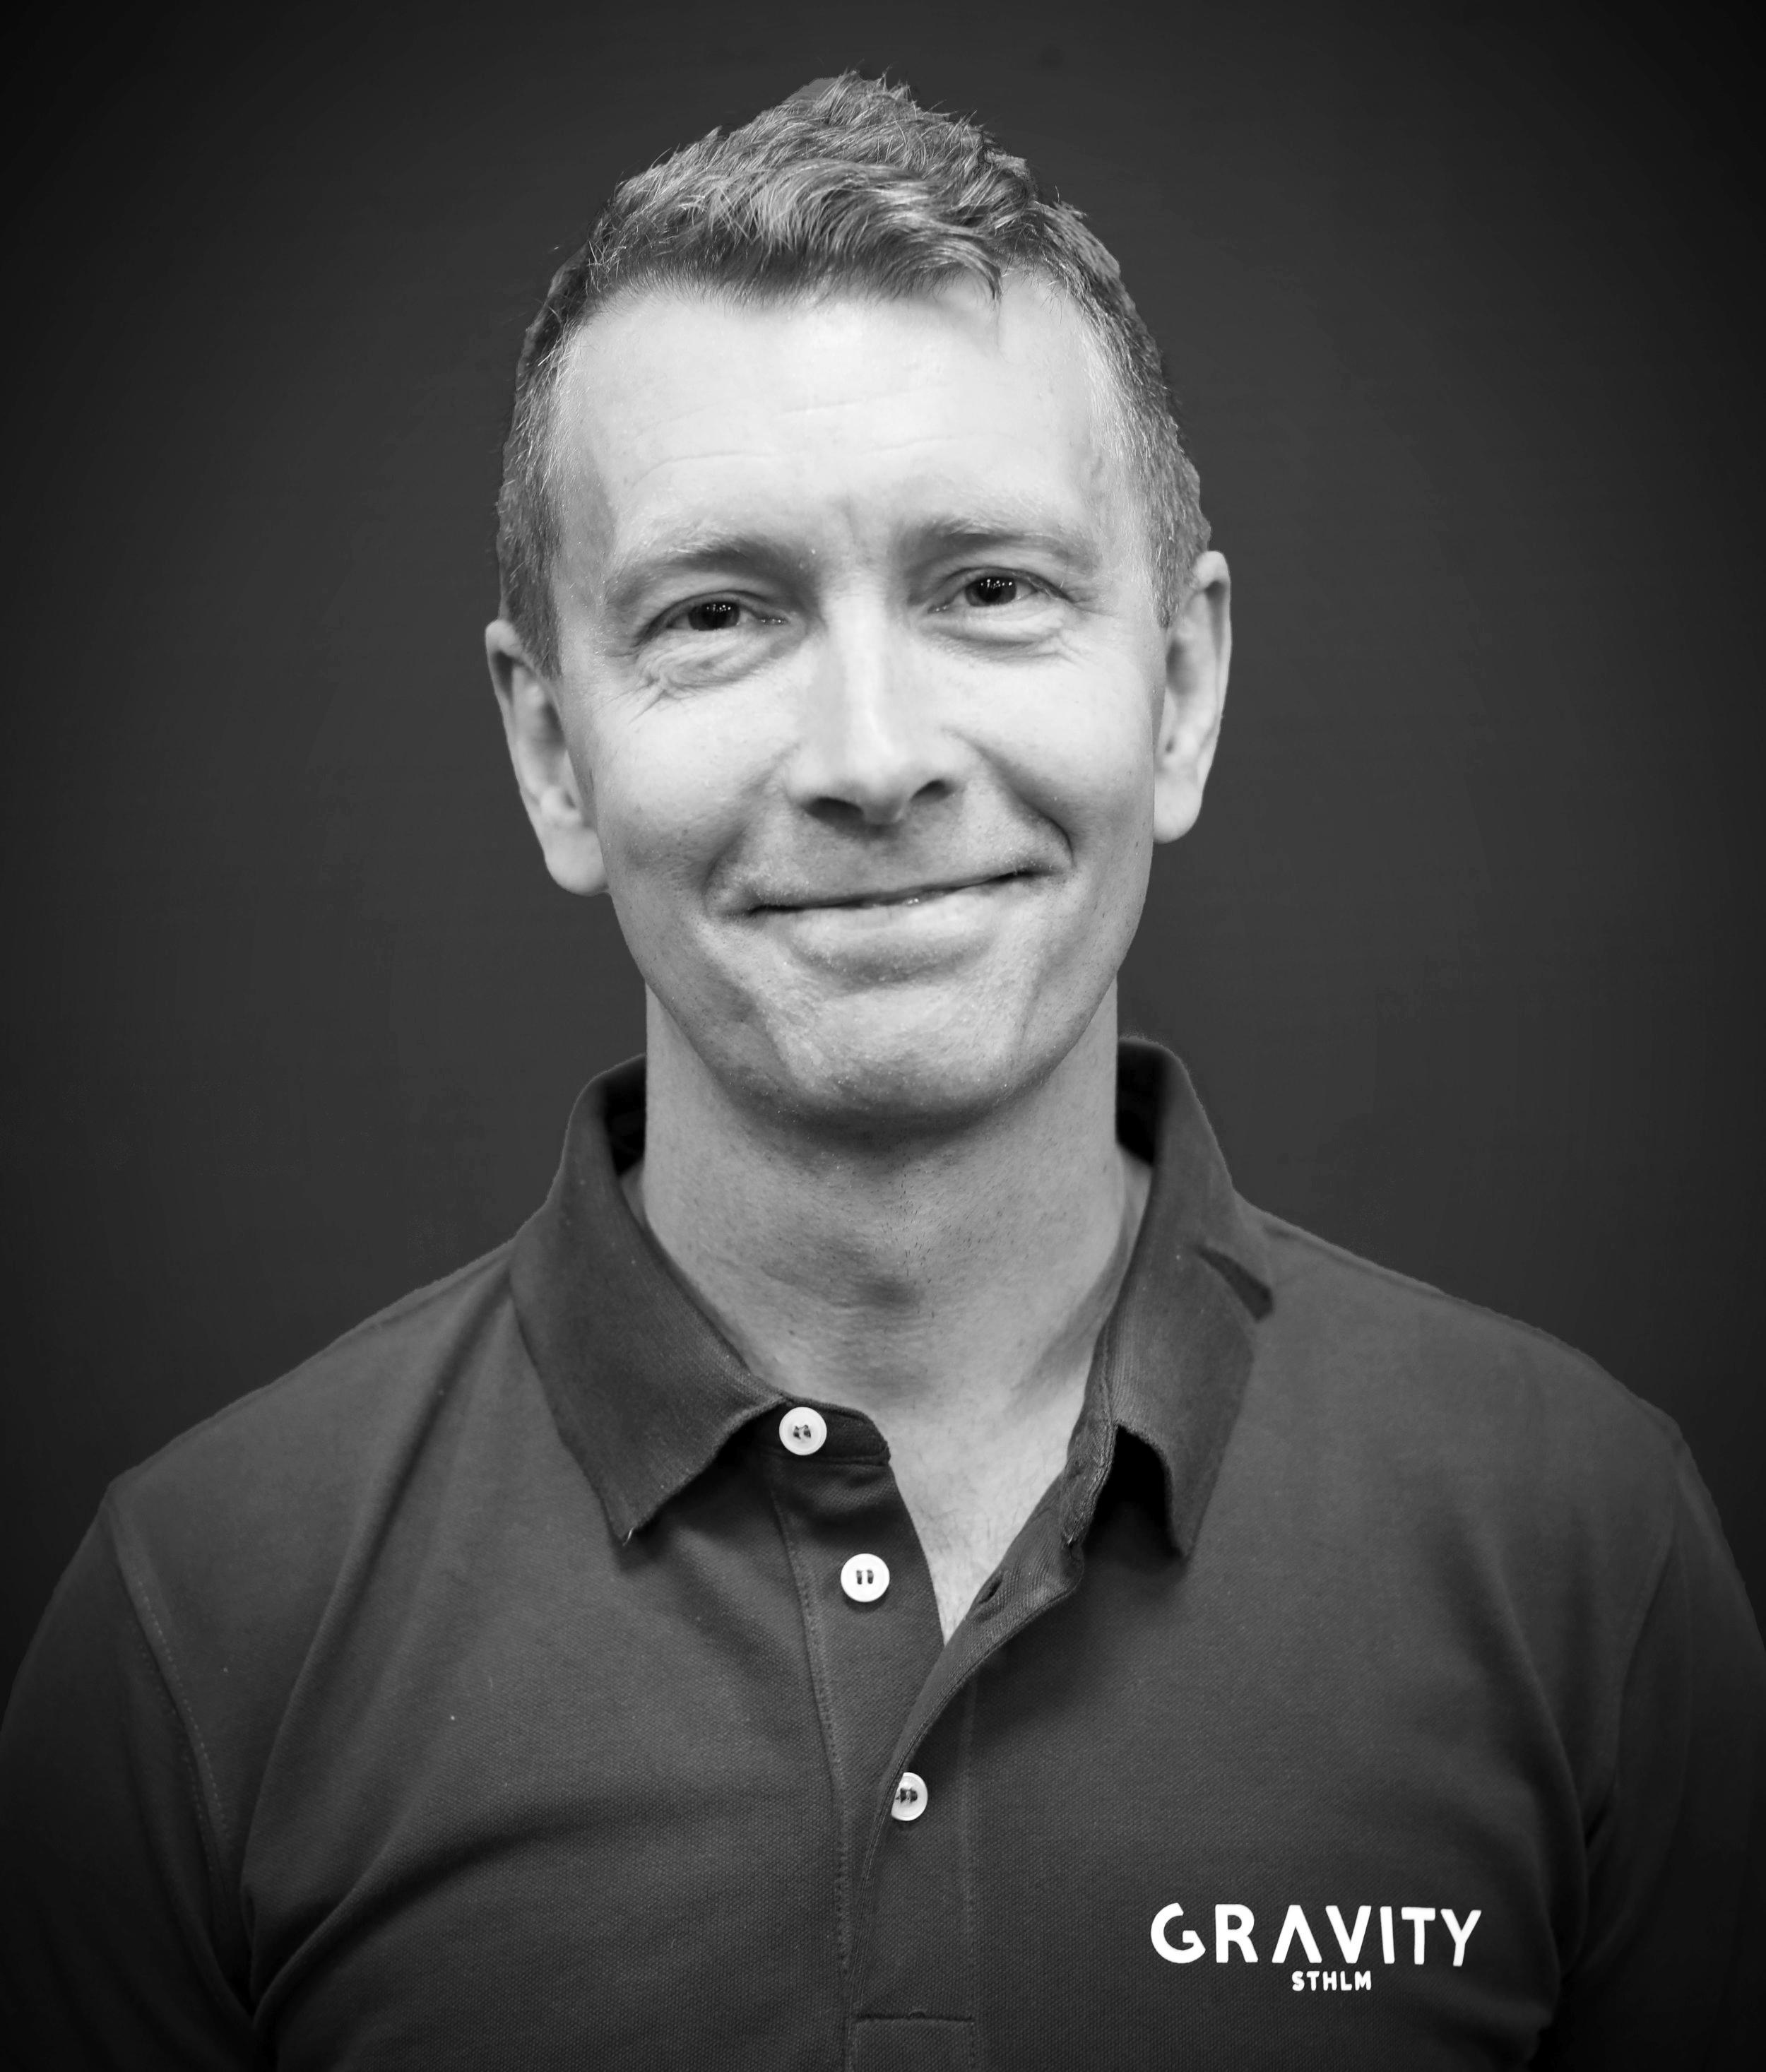 Anders Benktander - leg naprapatNaprapat sedan 20 år. Tränar själv aktivt och ingår i The Academys Utbildningsteam för personliga tränare.anders@gravitysthlm.se